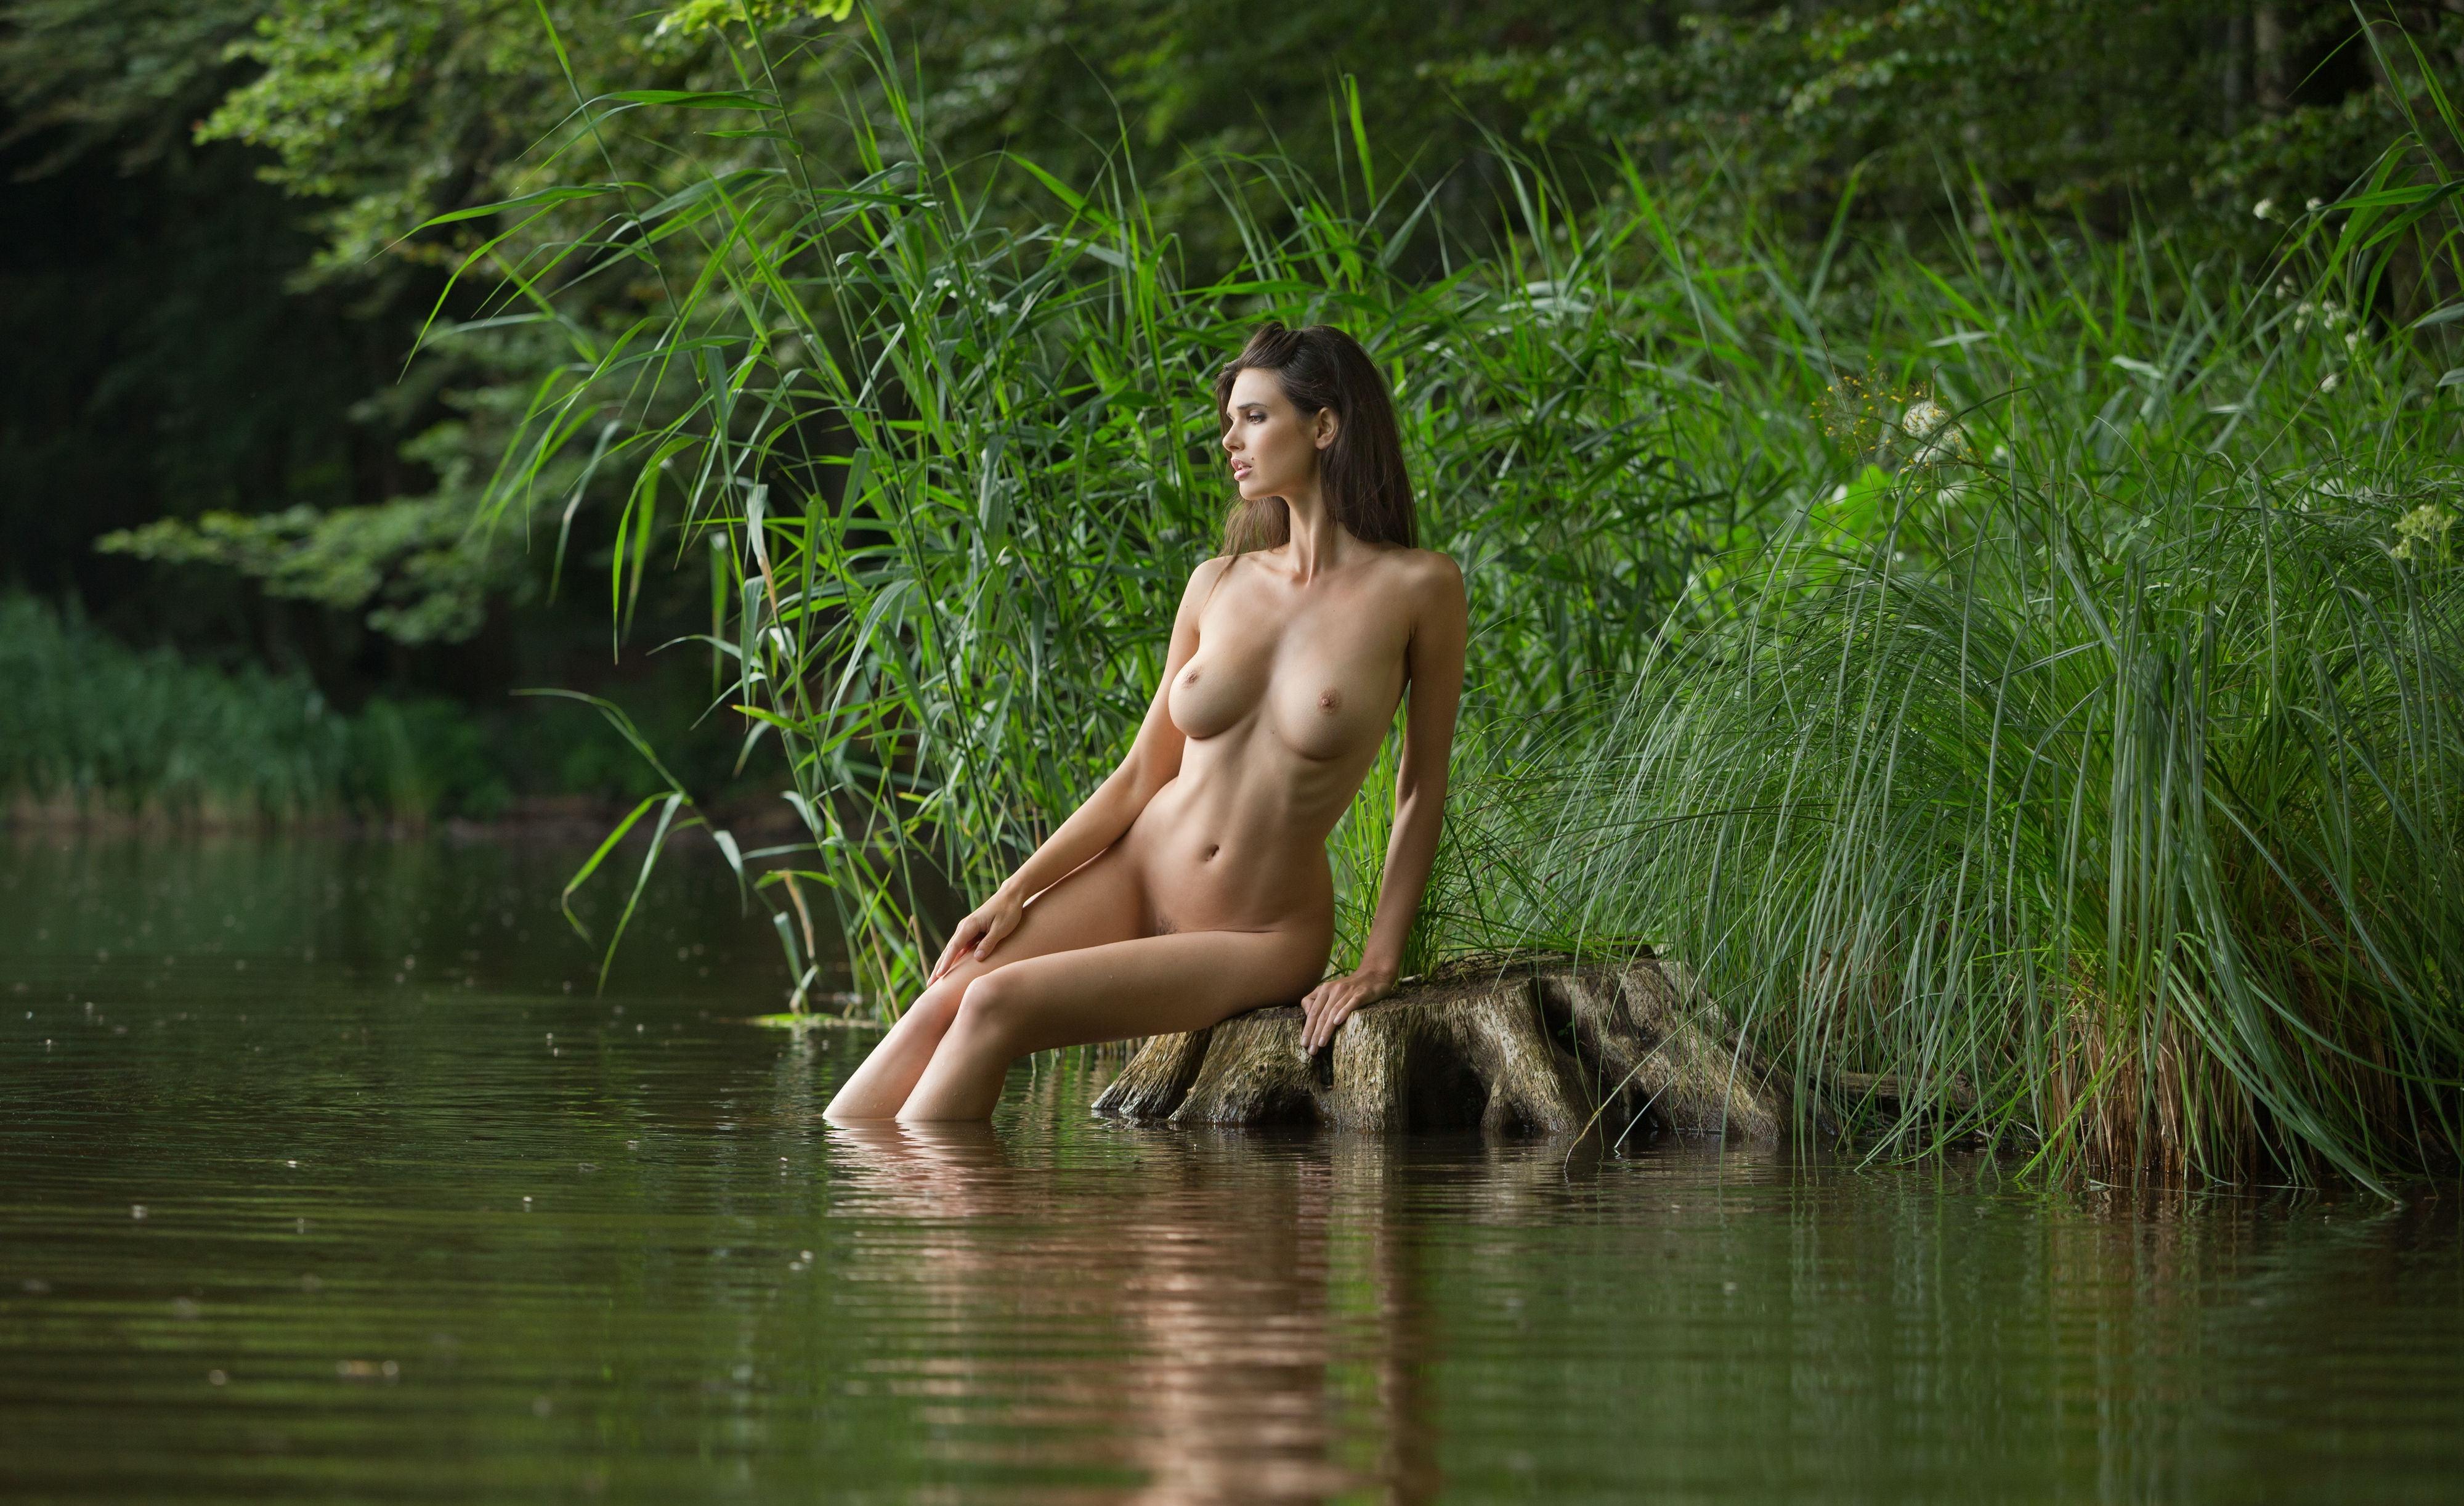 Фото Обнаженных Красивых Девушек На Природе